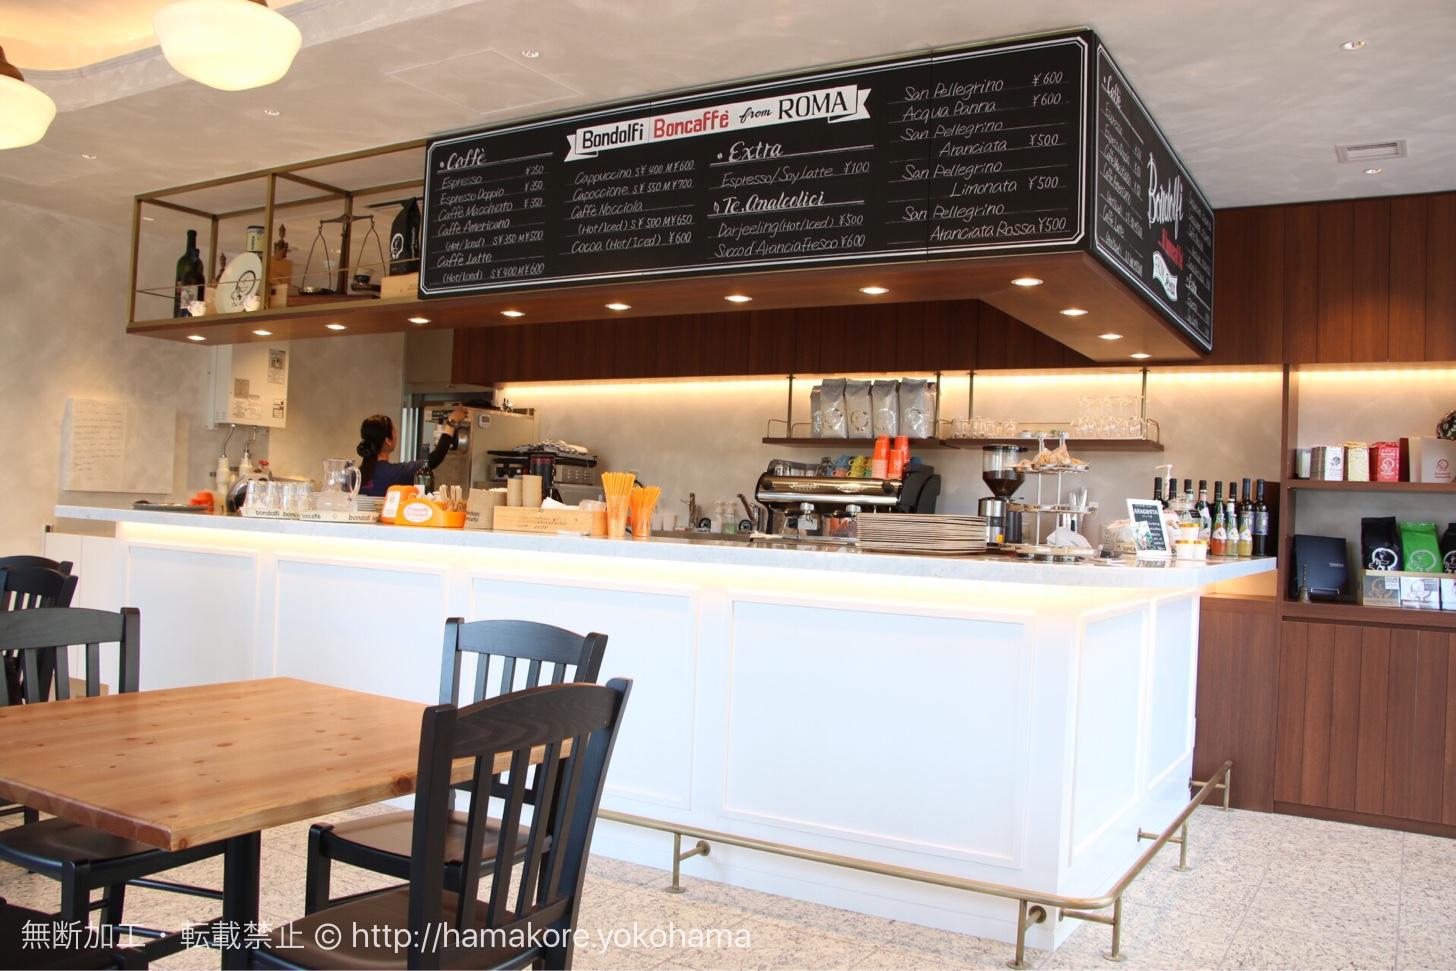 Bondolfi boncaffe(ボンドルフィボンカフェ) ブランズタワーみなとみらい店 店内